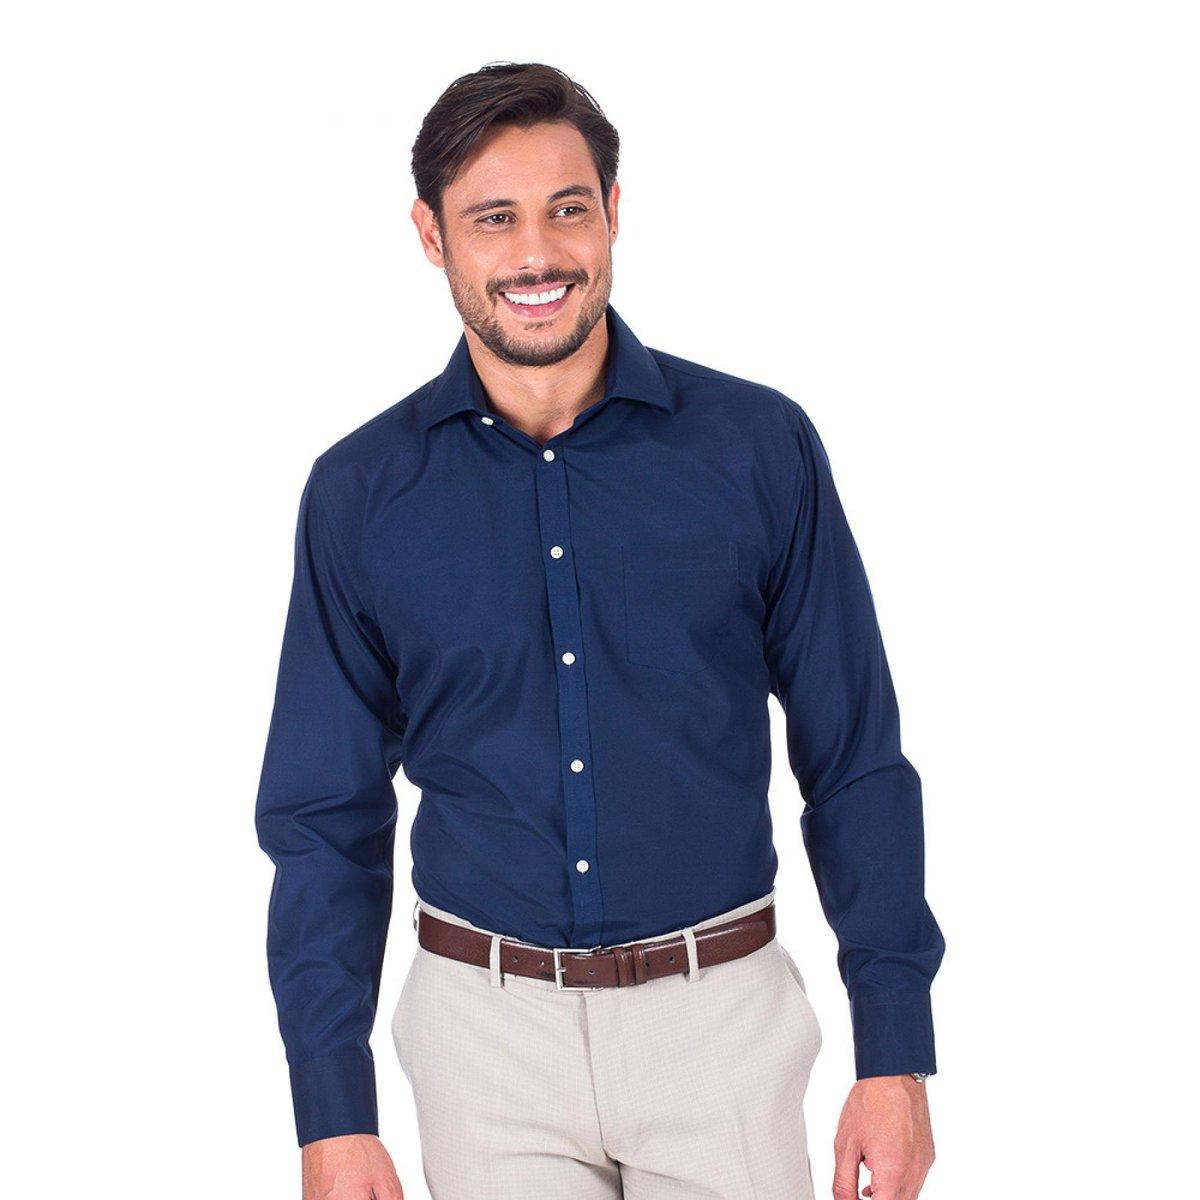 Camisa Social Lisa Colombo Masculino - Compre Agora  69eca8cb9bdcd